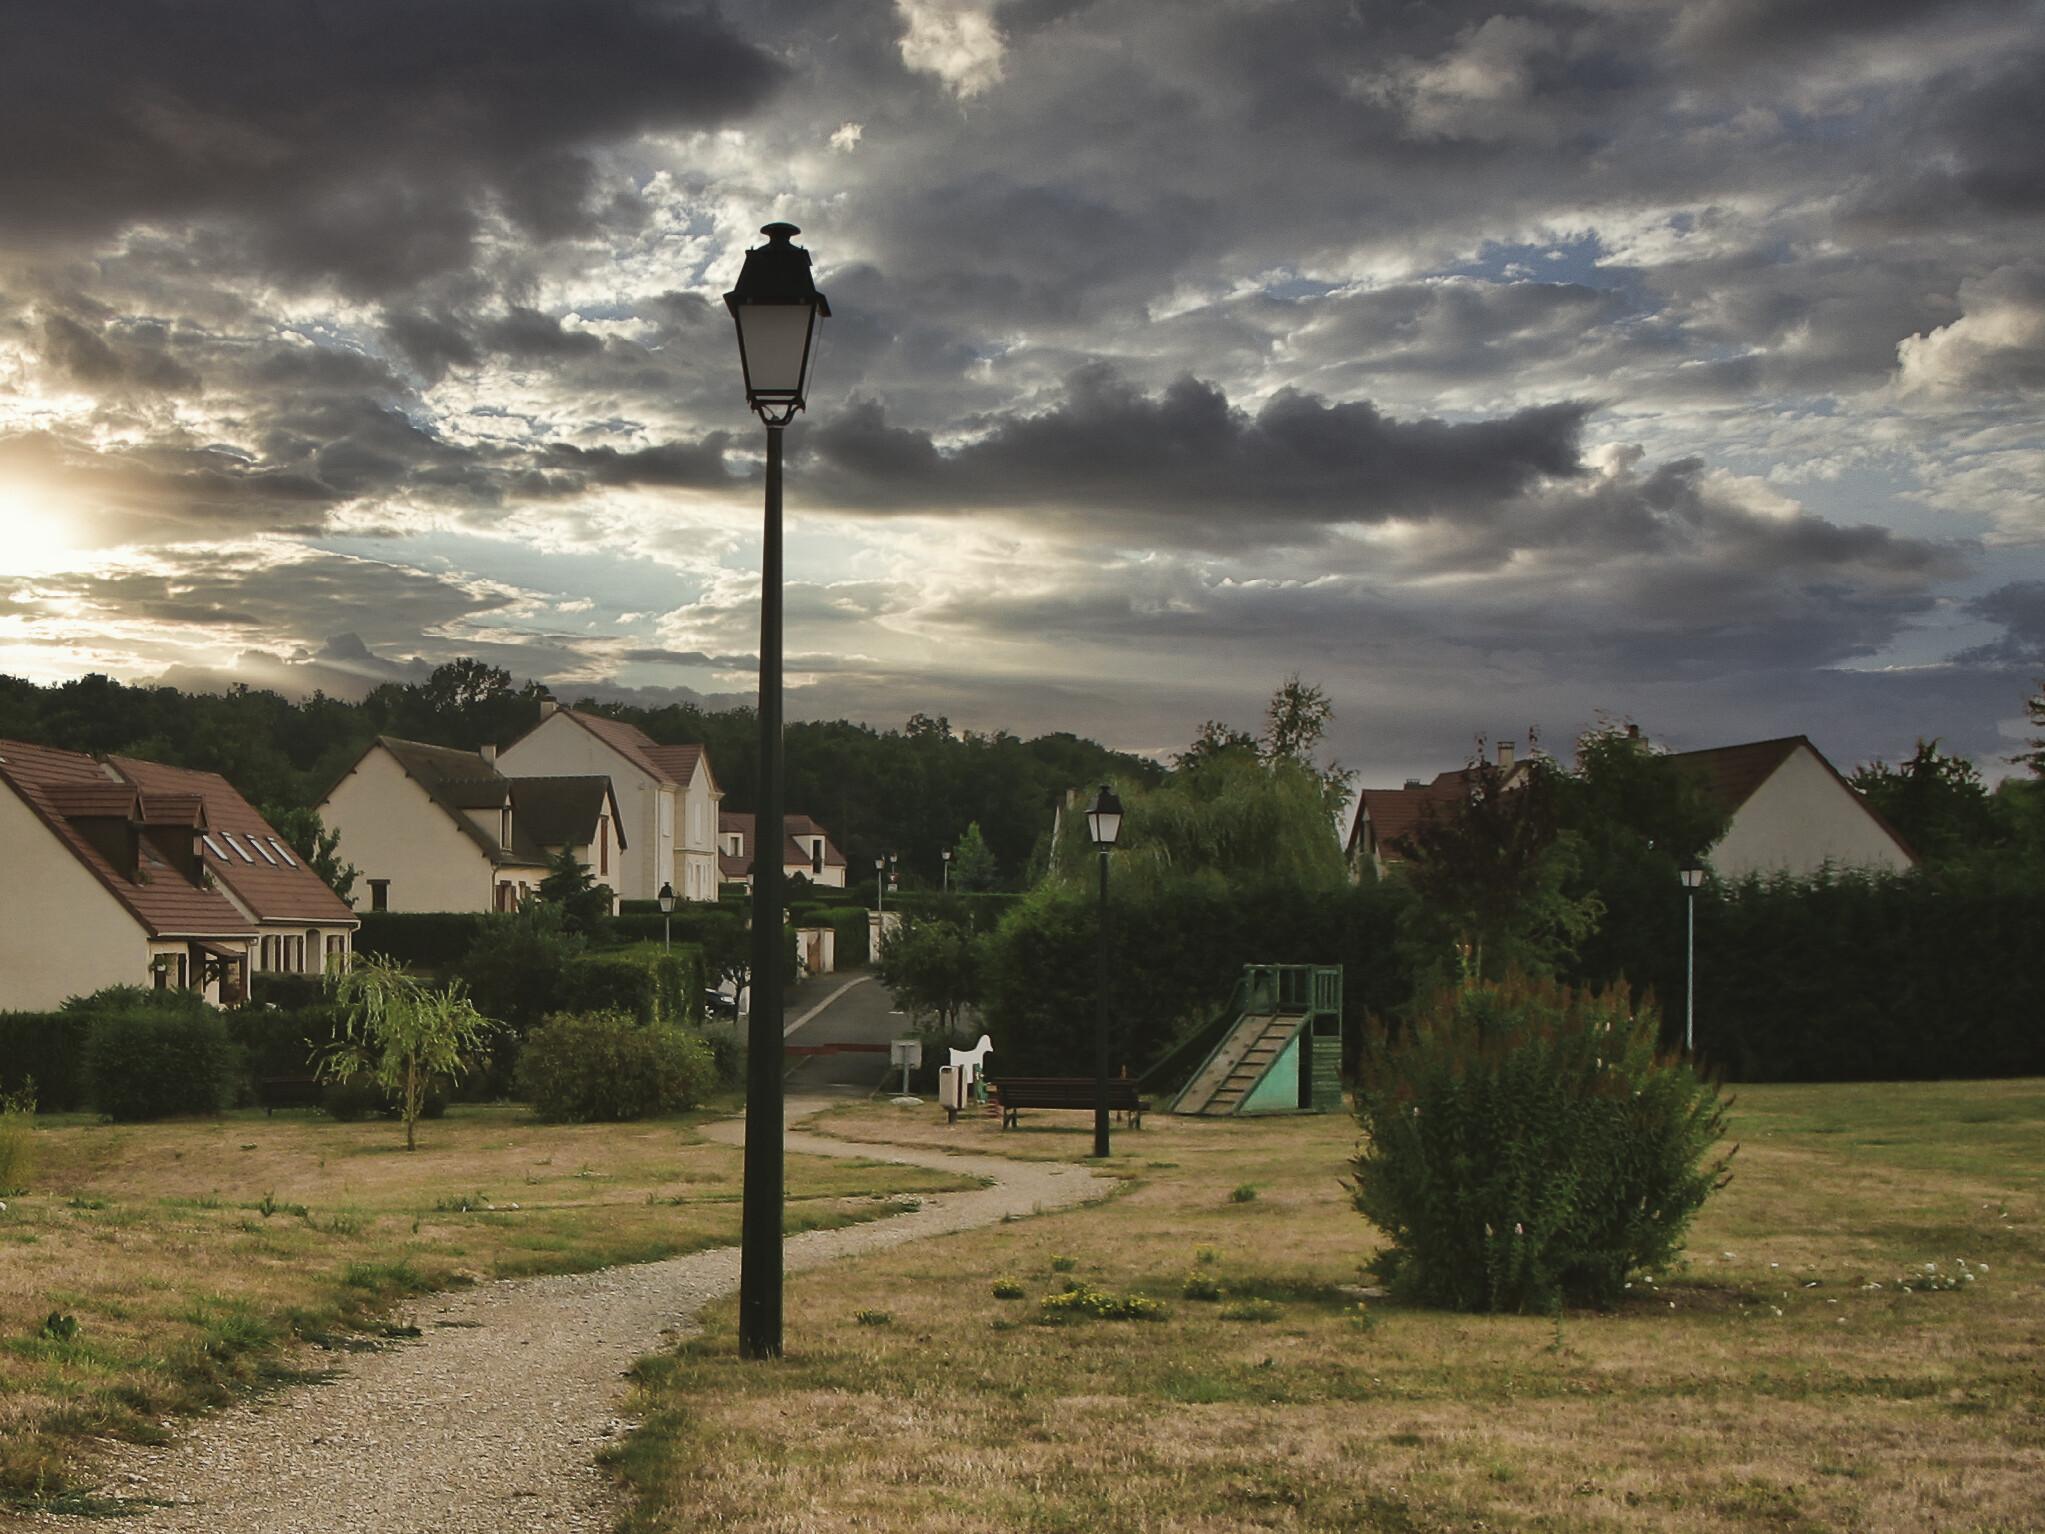 Paysage et ciel obscurci - Mairie de Ponthévrard